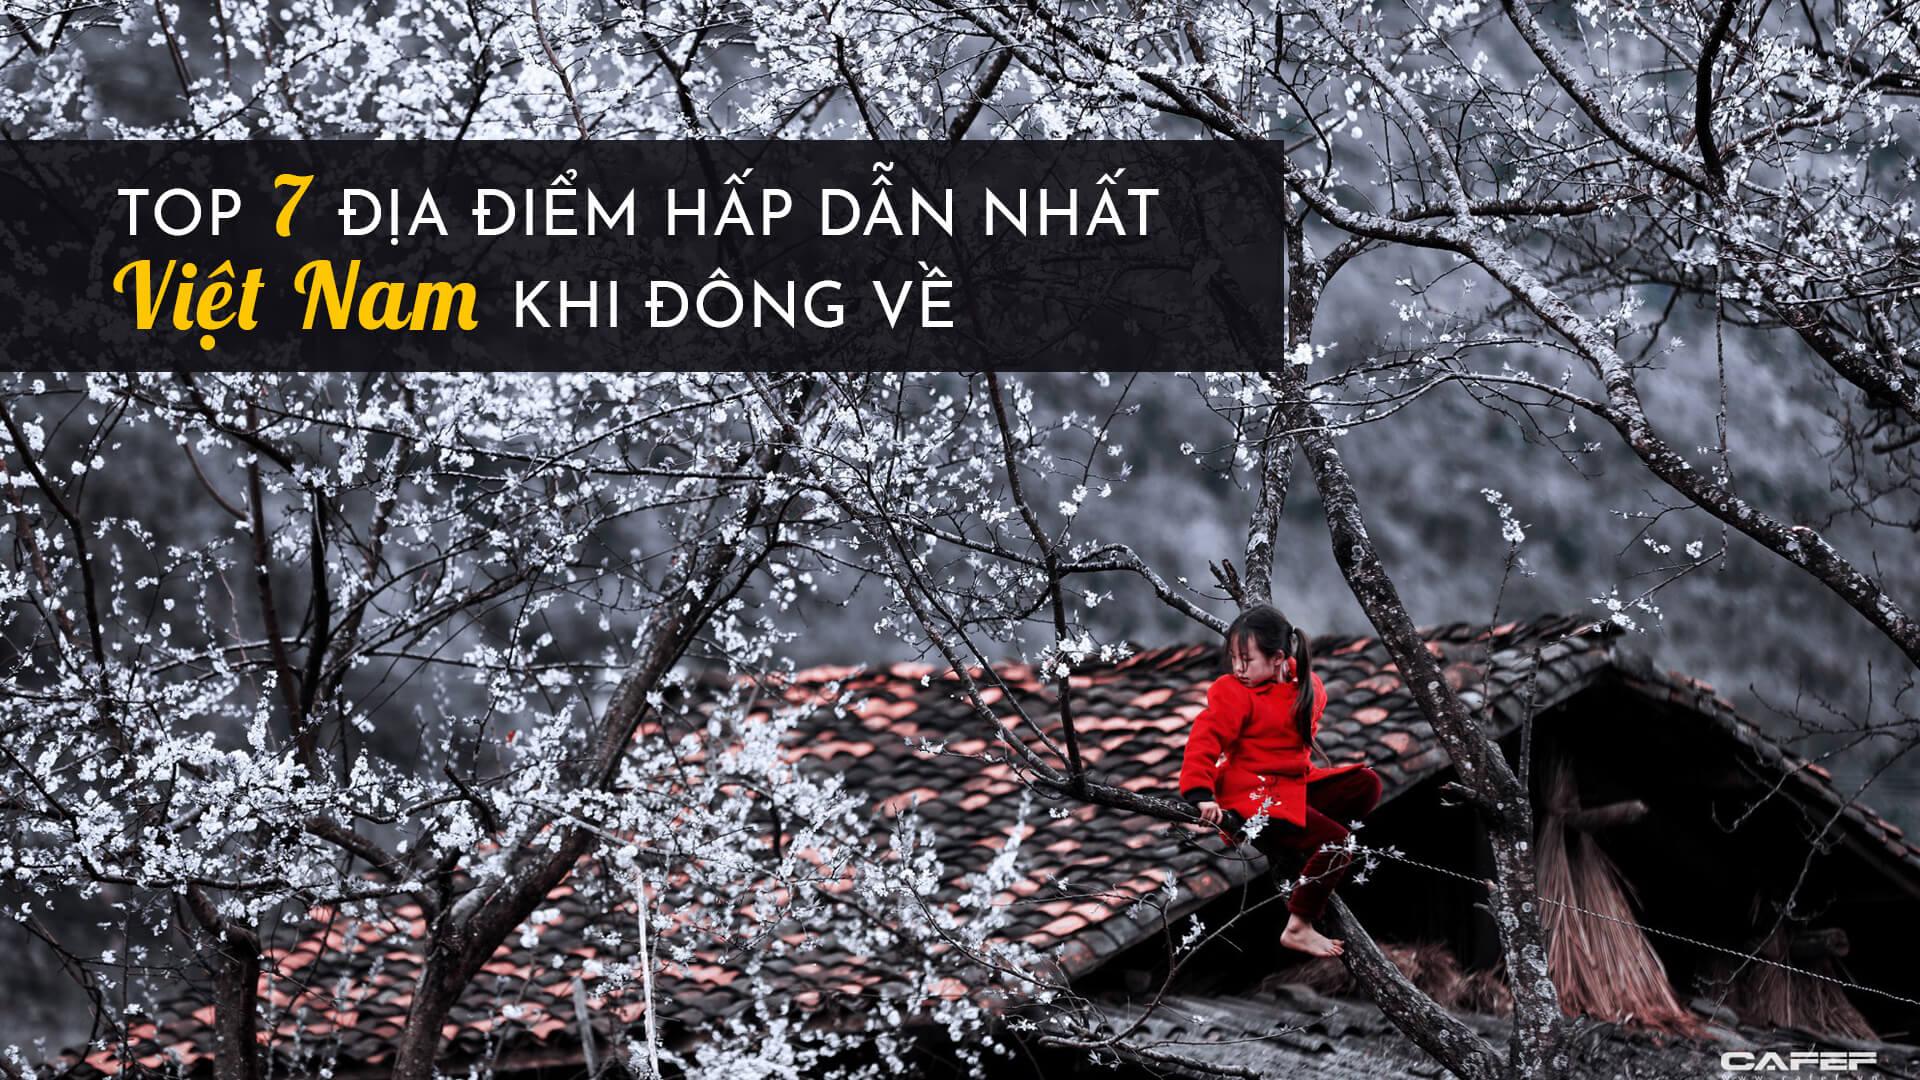 Top 7 địa điểm du lịch hấp dẫn nhất Việt Nam khi đông về